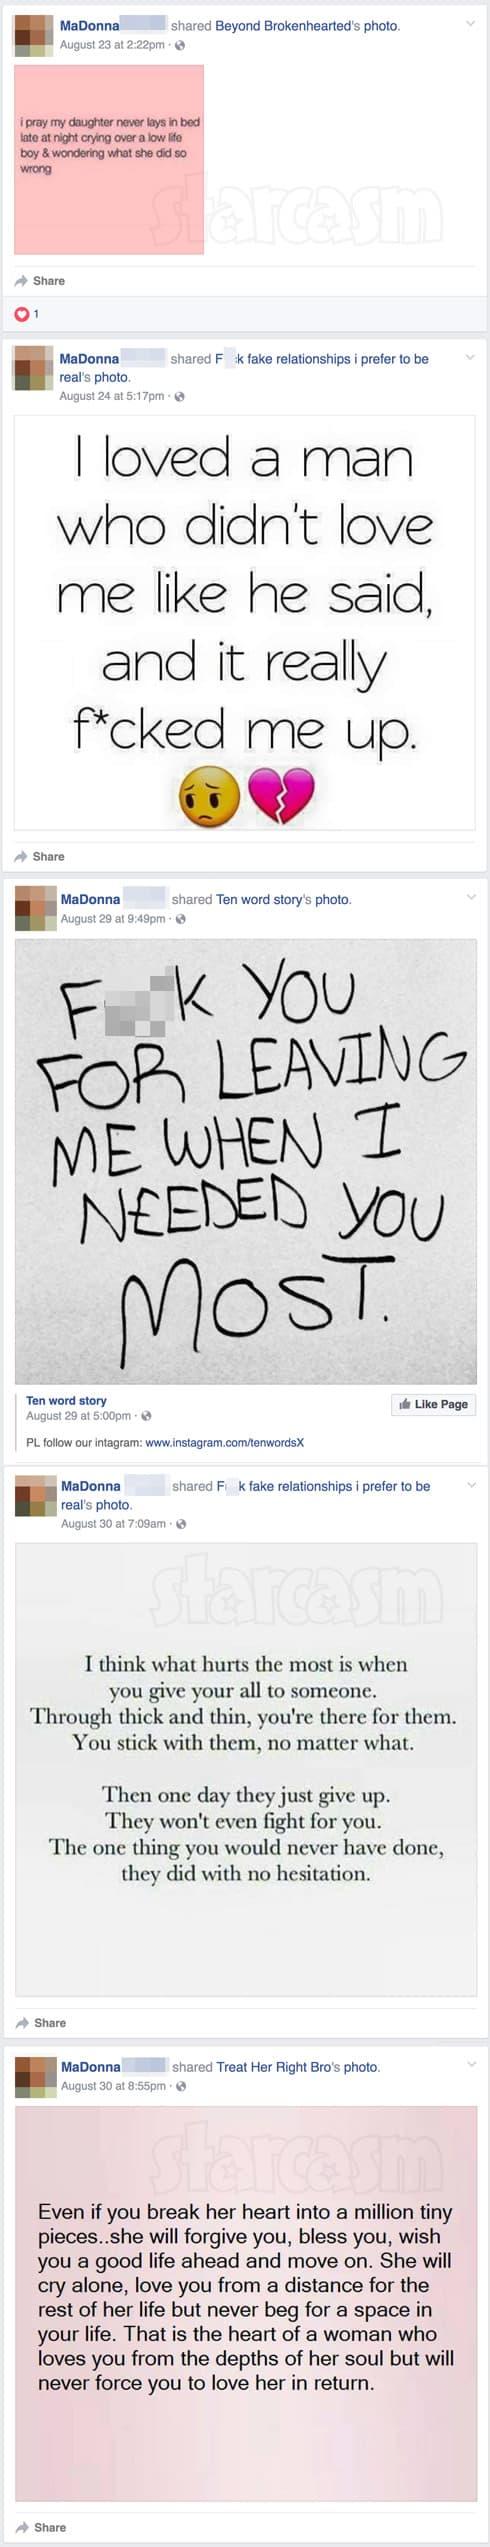 Chris Baier girlfriend MaDonna Facebook